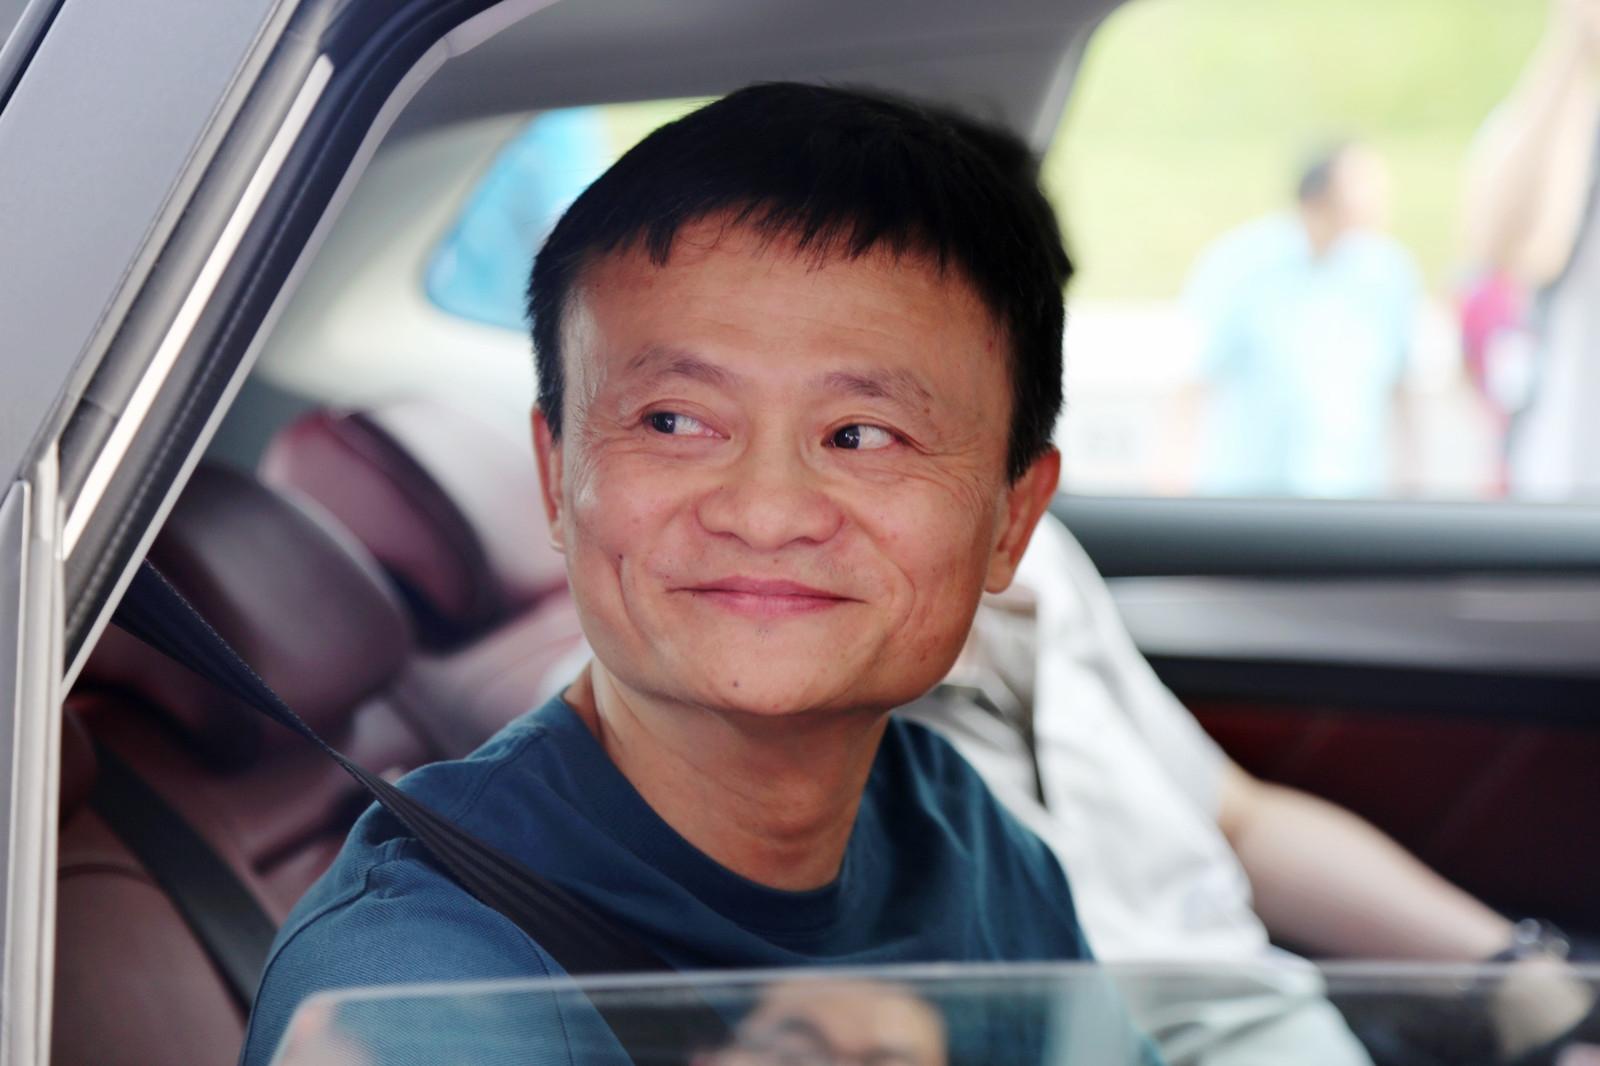 马云表示:人最好一周工作三天 每天工作四小时